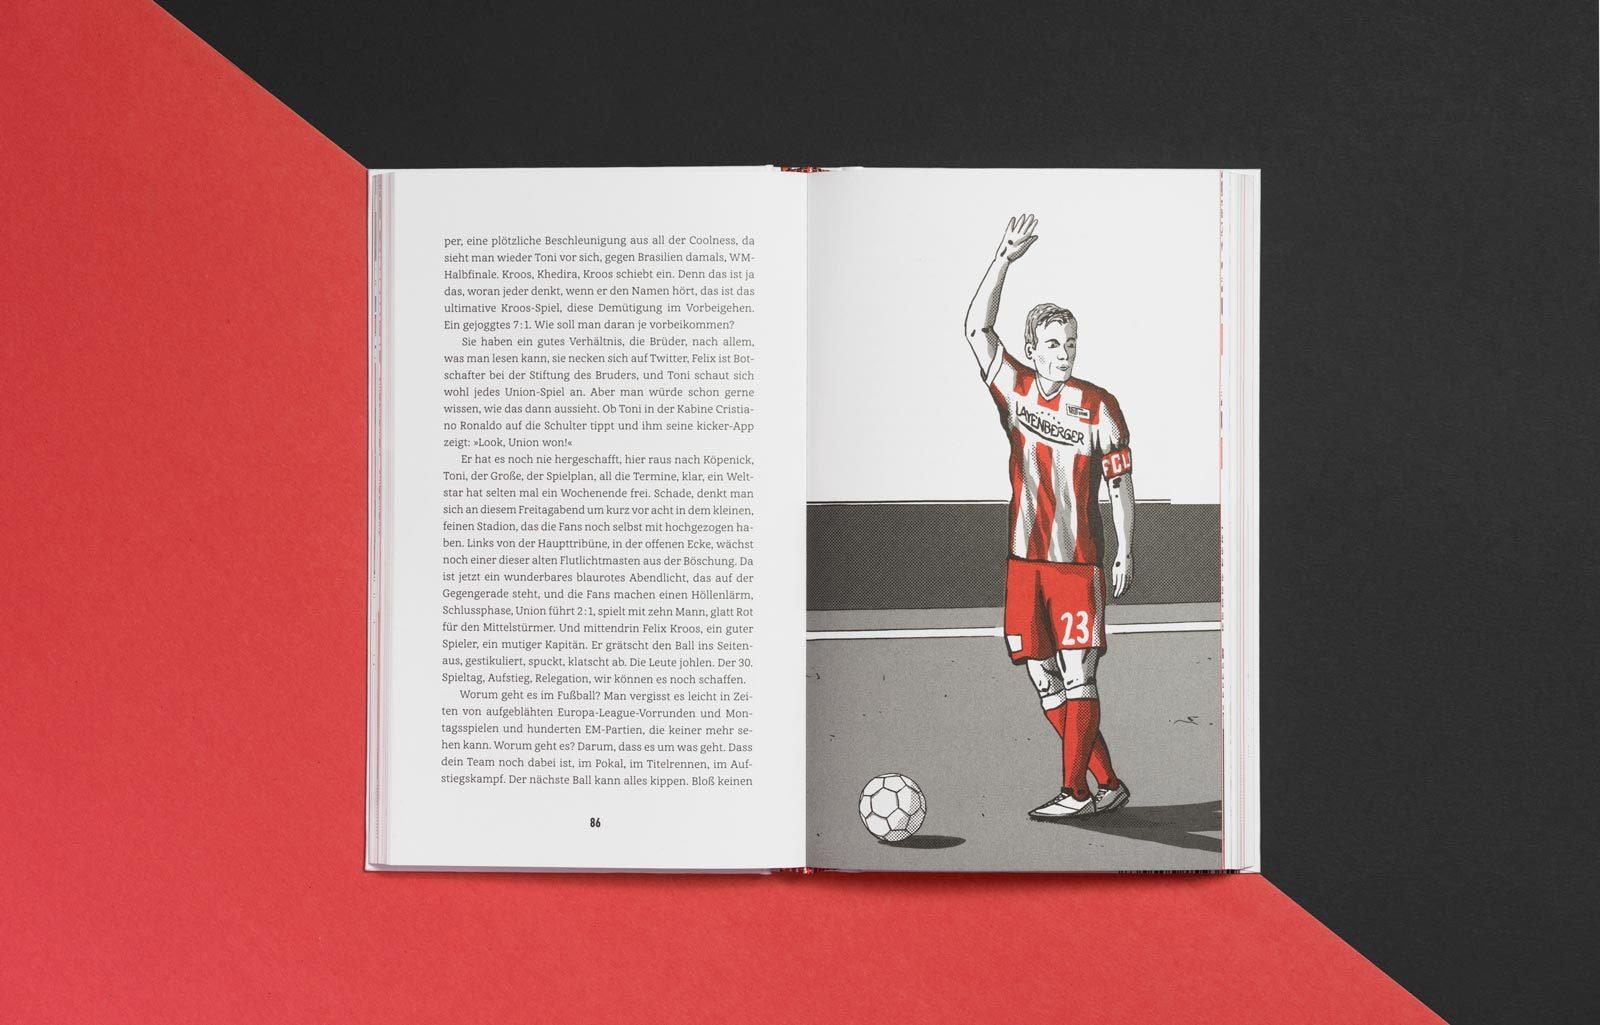 Editienne Grafikdesign - Kommunikationsdesign Berlin- Buchgestaltung und Coverdesign- Alles steht auf Rot 7